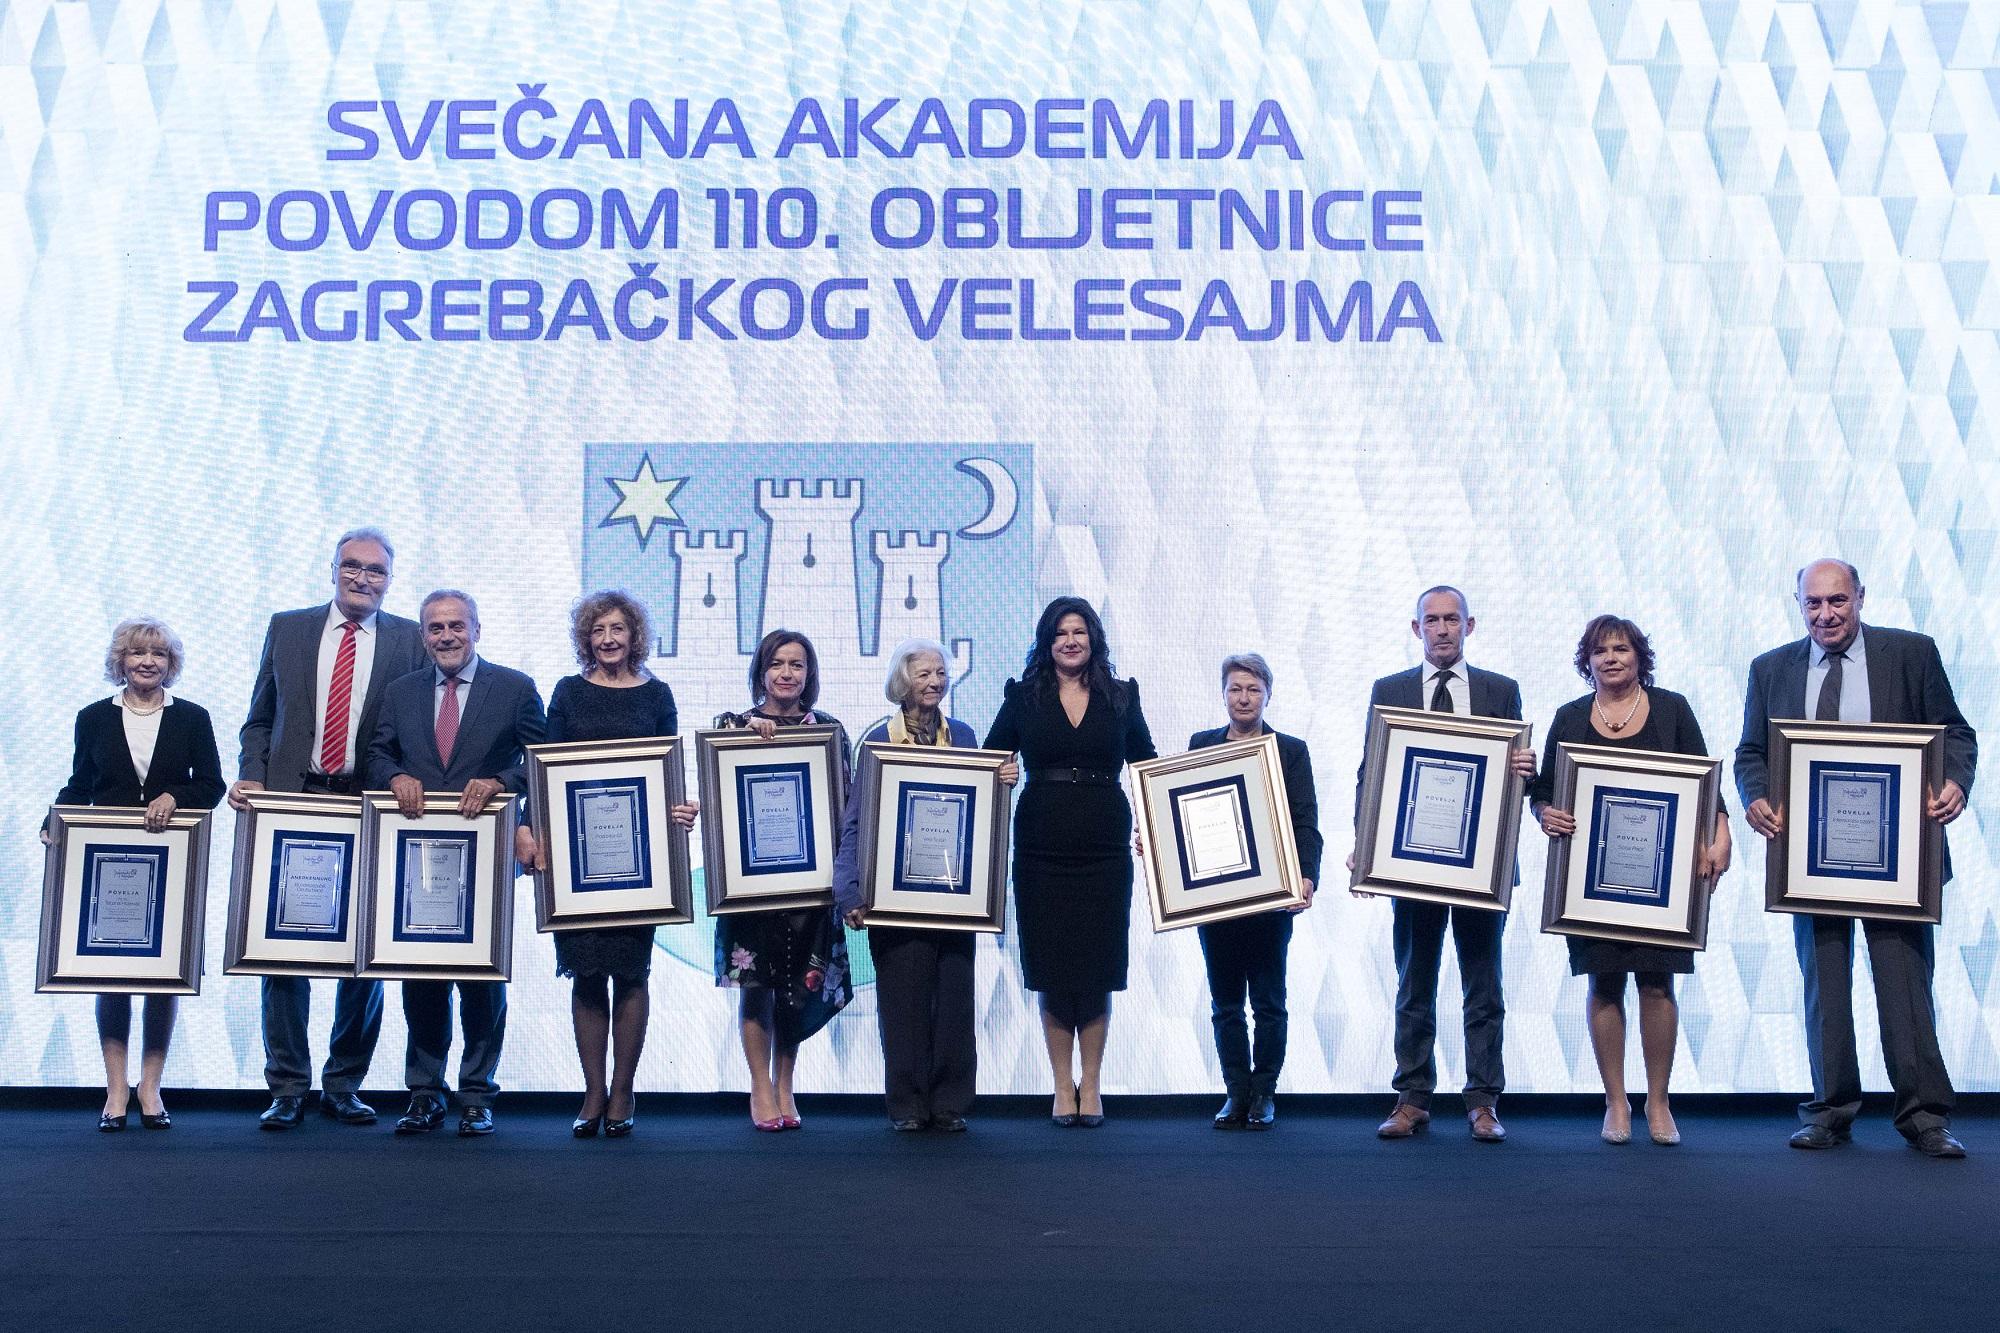 14.11.2019. 110 godina Zagrebackog Velesajma, foto sasa cetkovic